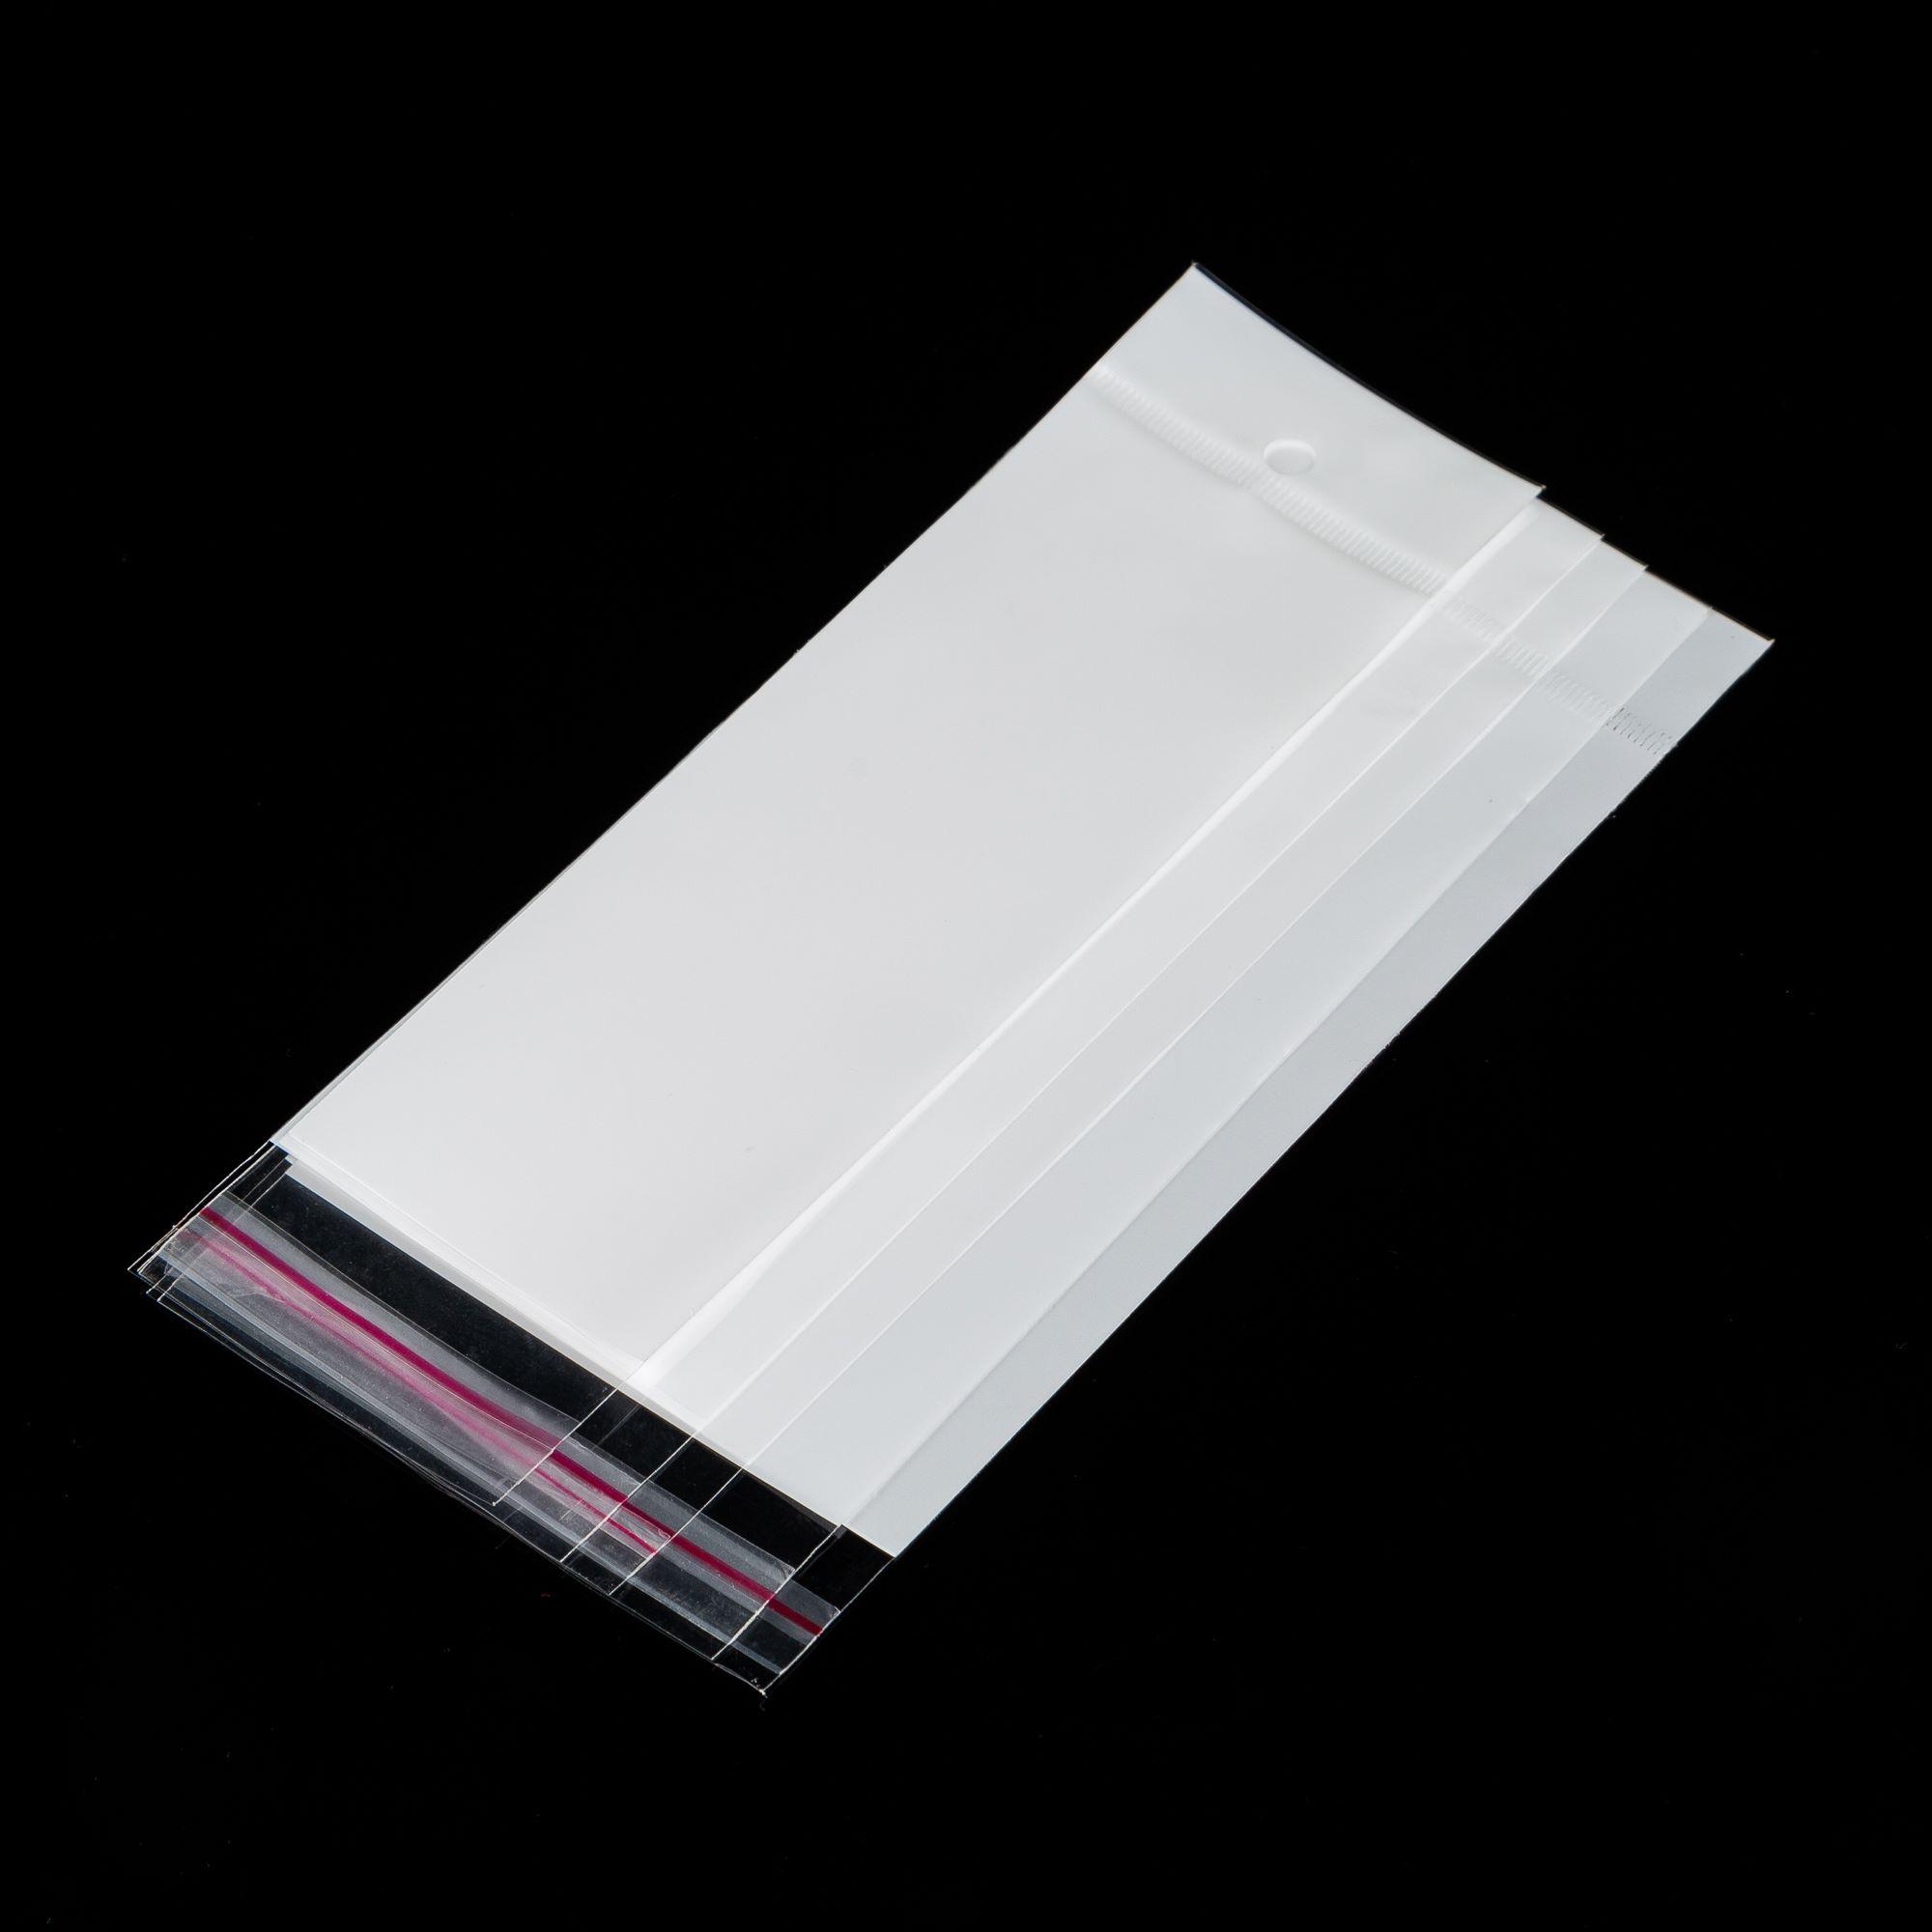 工厂现货批发珠光膜白色底OPP卡头袋不锈钢饰品袋流行饰品袋8*14